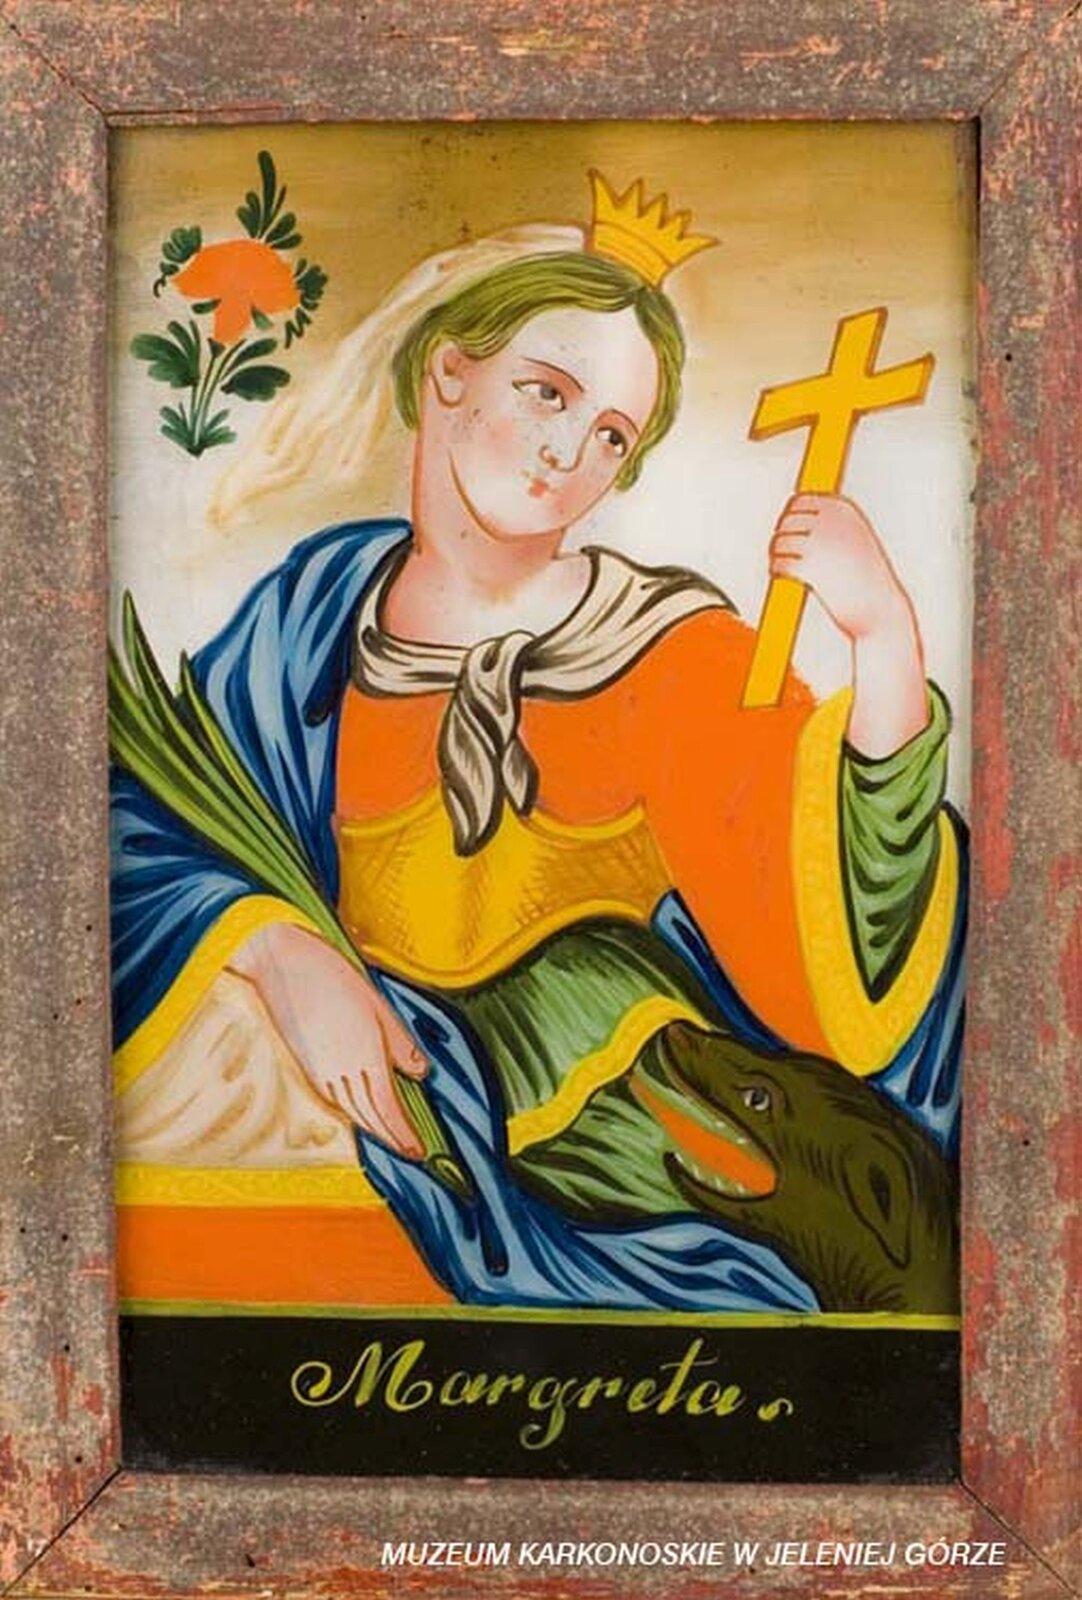 Ilustracja przedstawia malowidło na szkle, które ukazuje świętą Małgorzatę. Na głowie kobieta ma założoną koronę iwelon. Ubrana jest wpomarańczowo-zieloną suknię. Na ramieniu przerzucony ma płaszcz. Wprawej dłoni trzyma palmę, awlewej krzyż. Wprawym dolnym roku znajduje się głowa smoka. Tło zdobi czerwony kwiat. Udołu znajduje się napis Margarita.